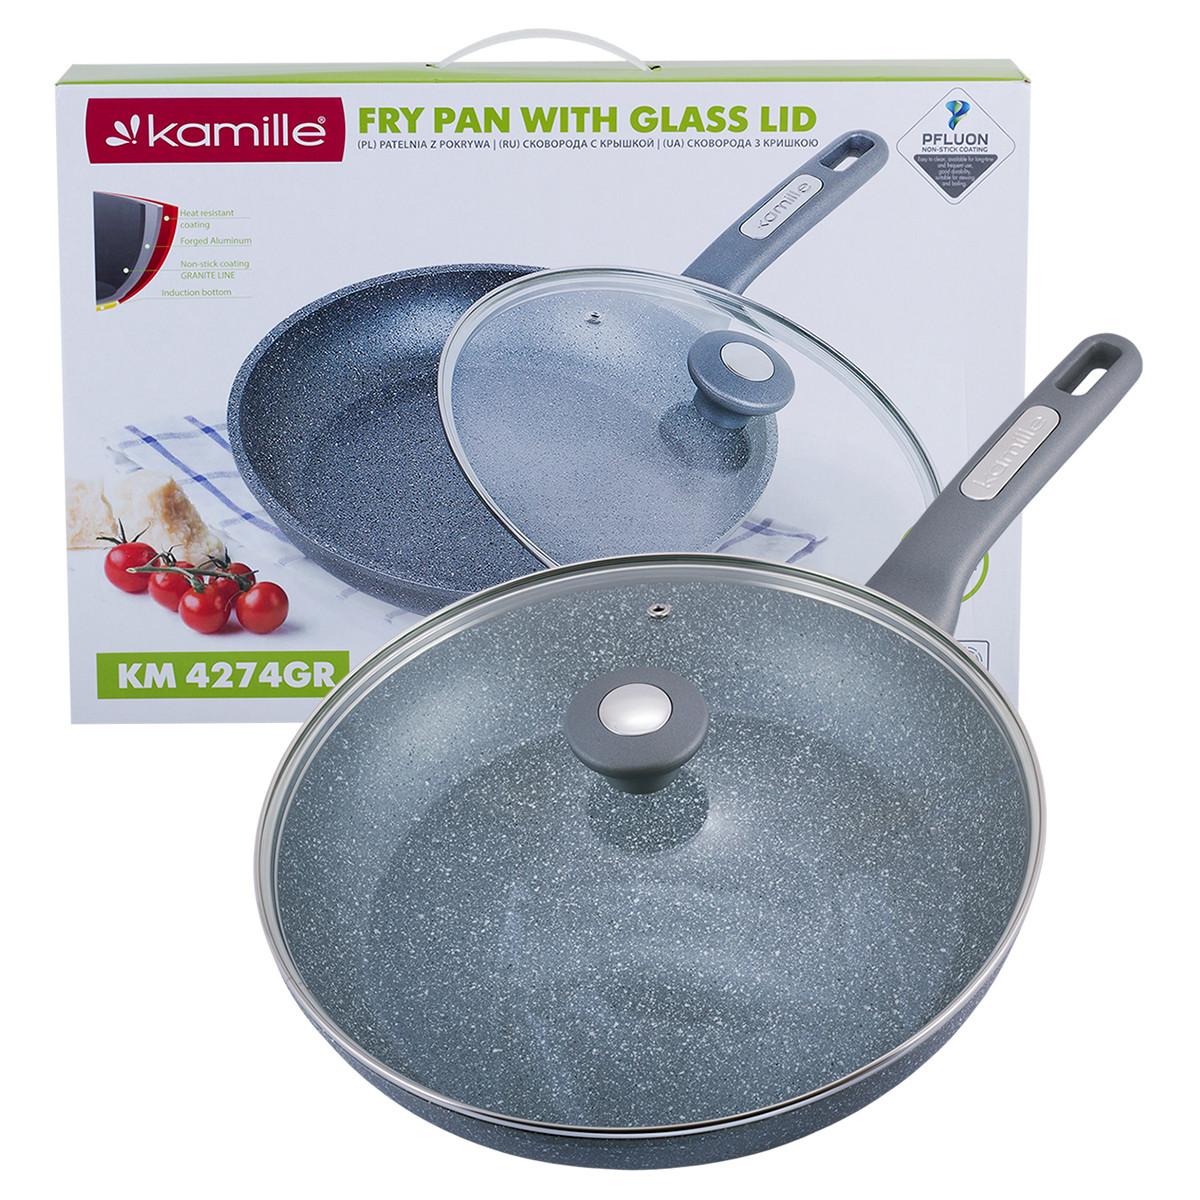 Сковорода с гранитным покрытием и крышкой Kamille KM-4274GR для индукции и газа 30 см